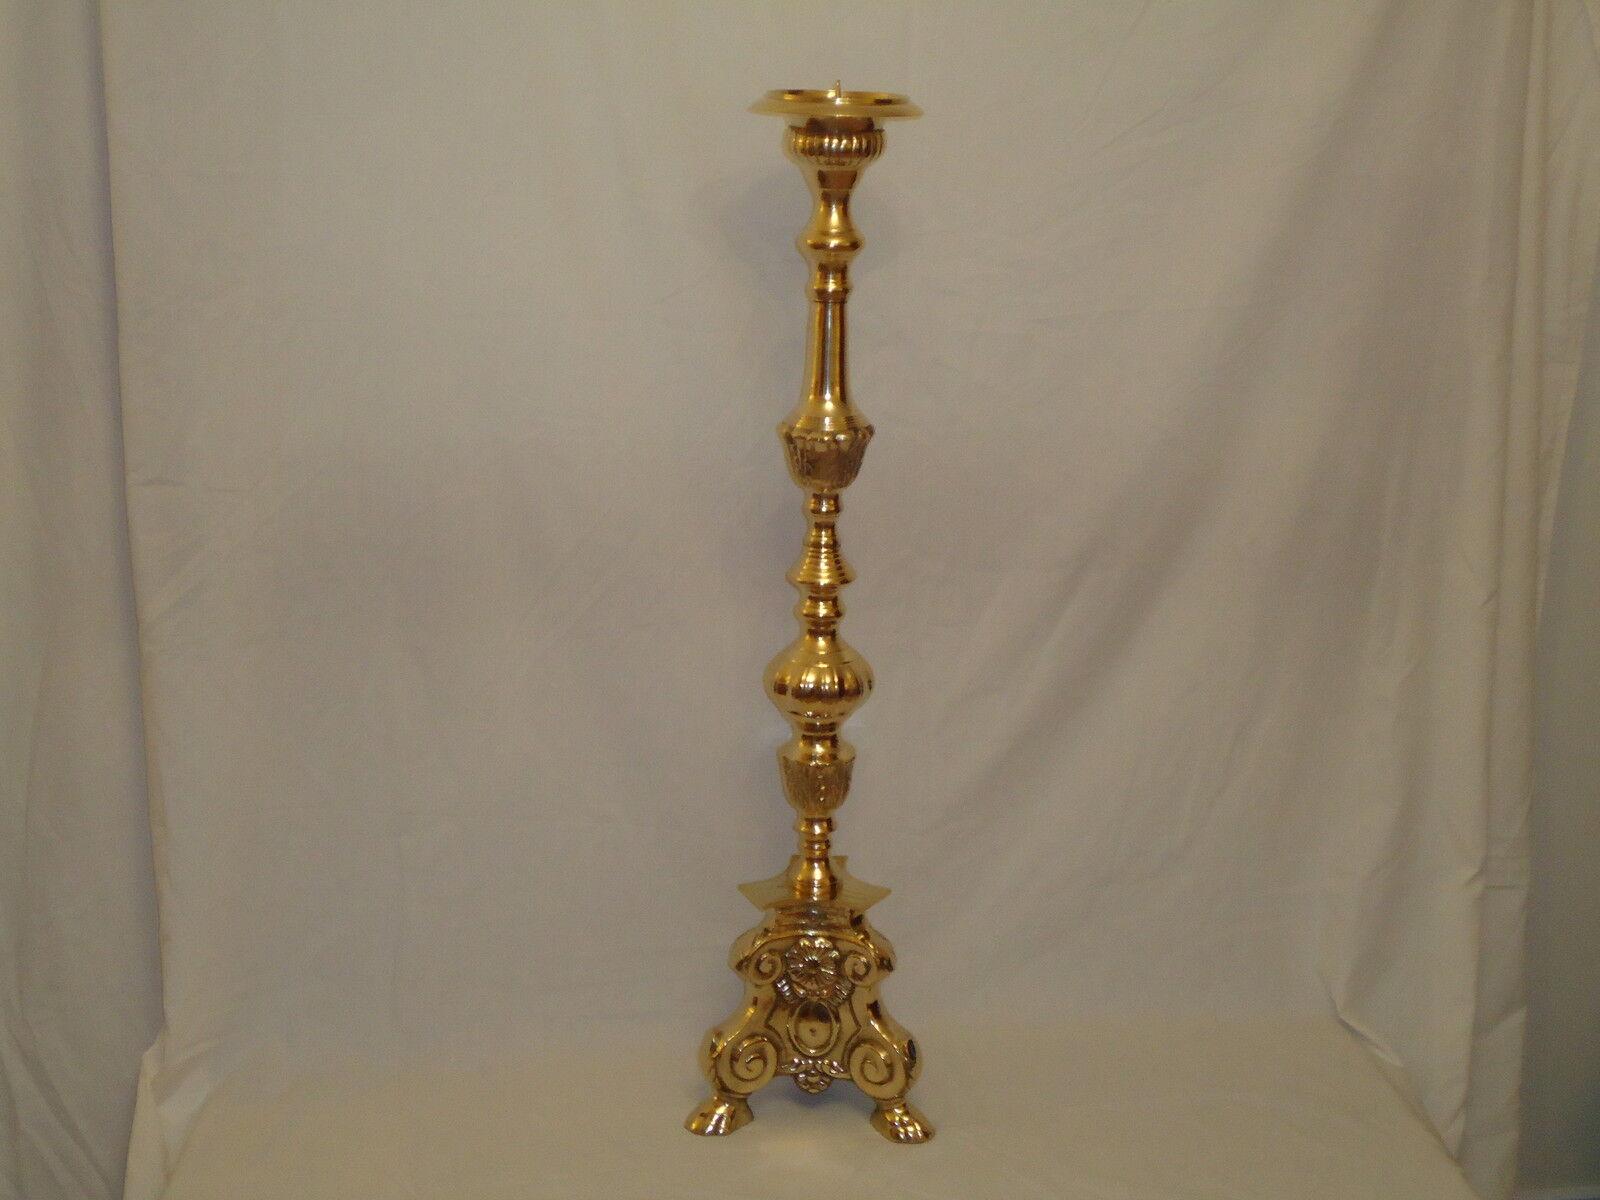 Latón barroco italiano palo de vela titular sobre 9k peso 101cm 40  alto T luz